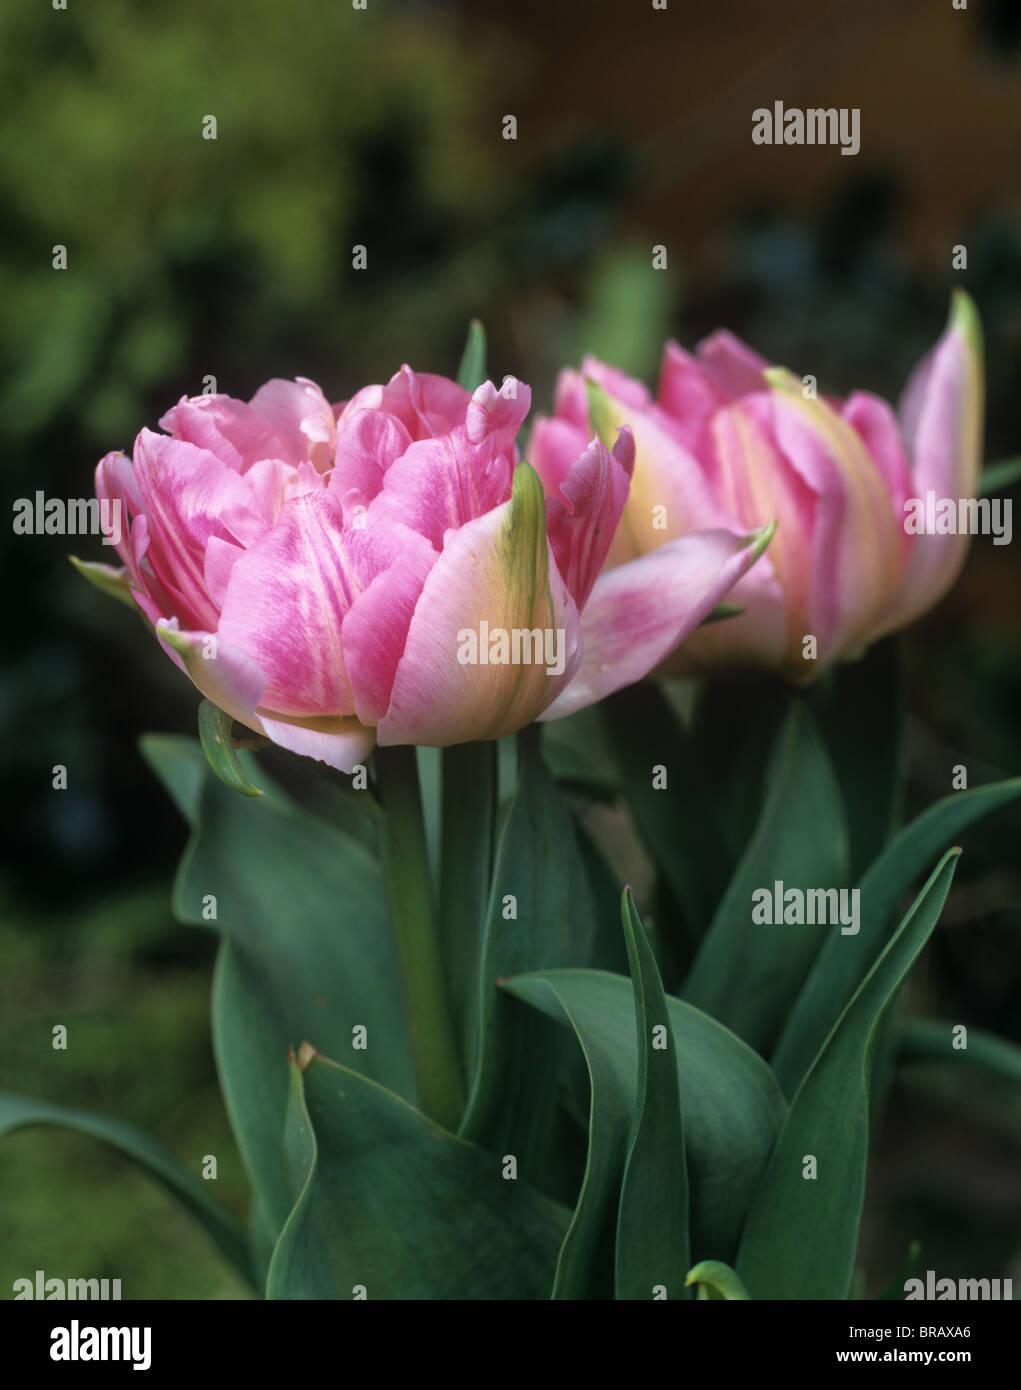 Fleurs de tulipe 'Peach Blossom' Photo Stock